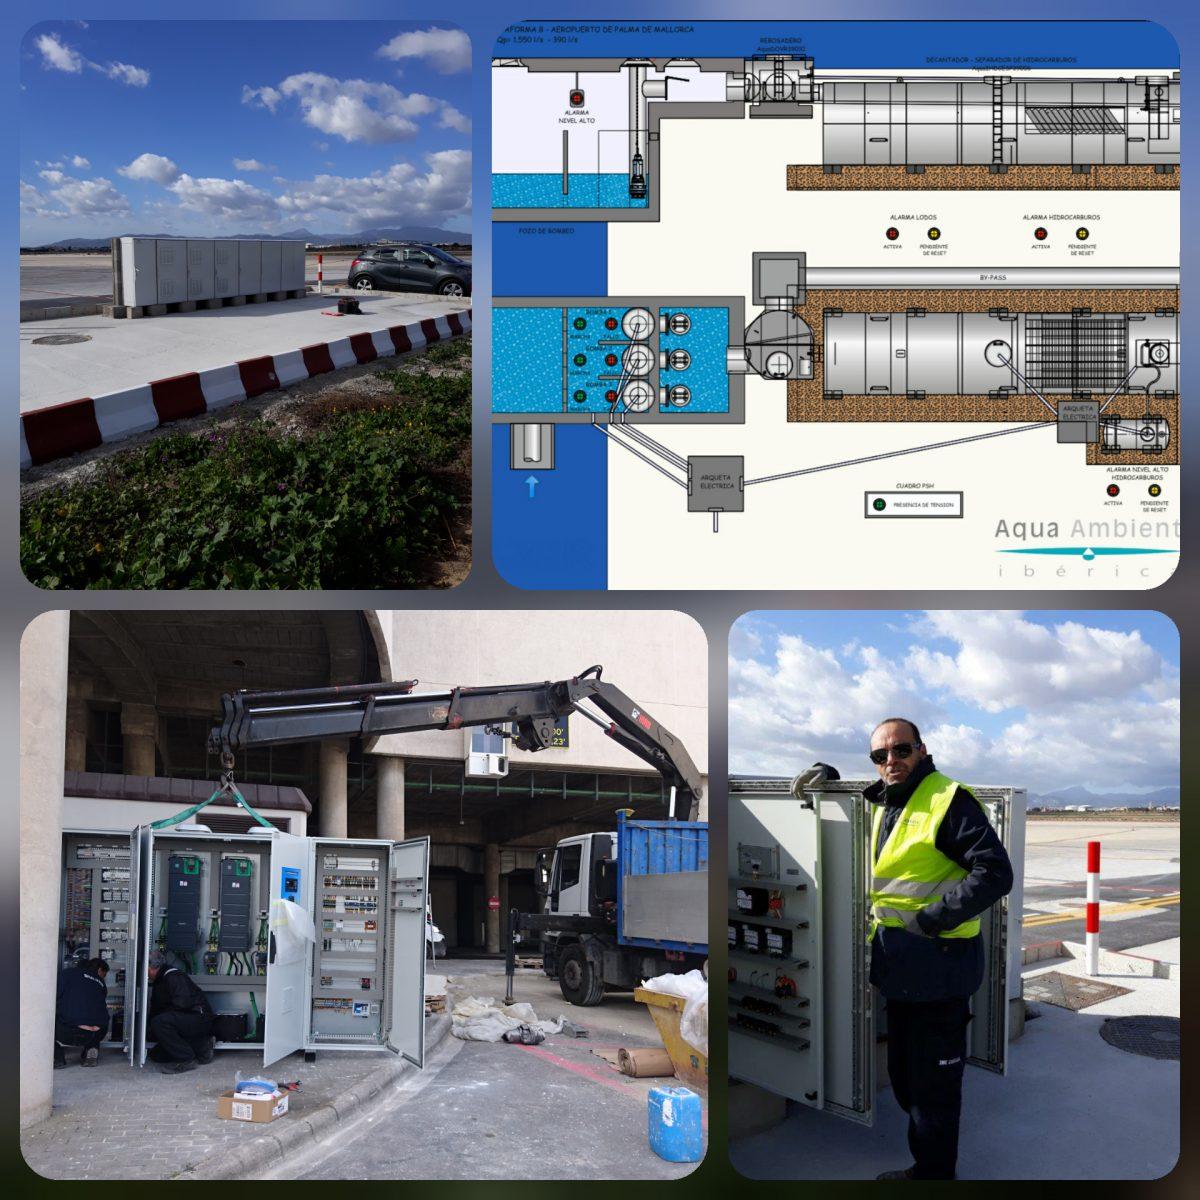 Instalación de los cuadros eléctricos para el control de PSH en el Sector Aeroportuario